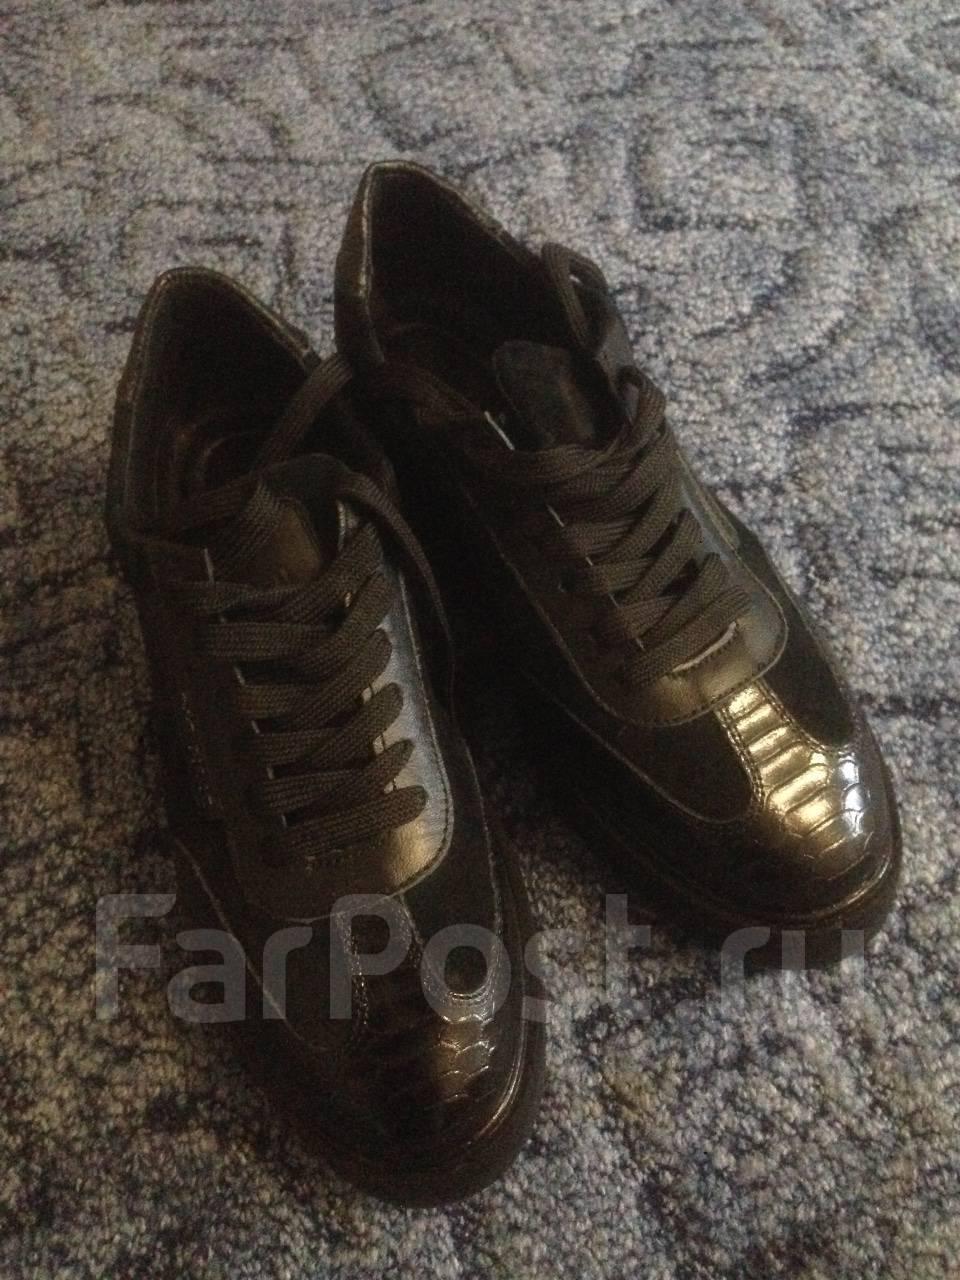 6c3d3dd2e4d Мужская обувь - купить в Хабаровске. Цены